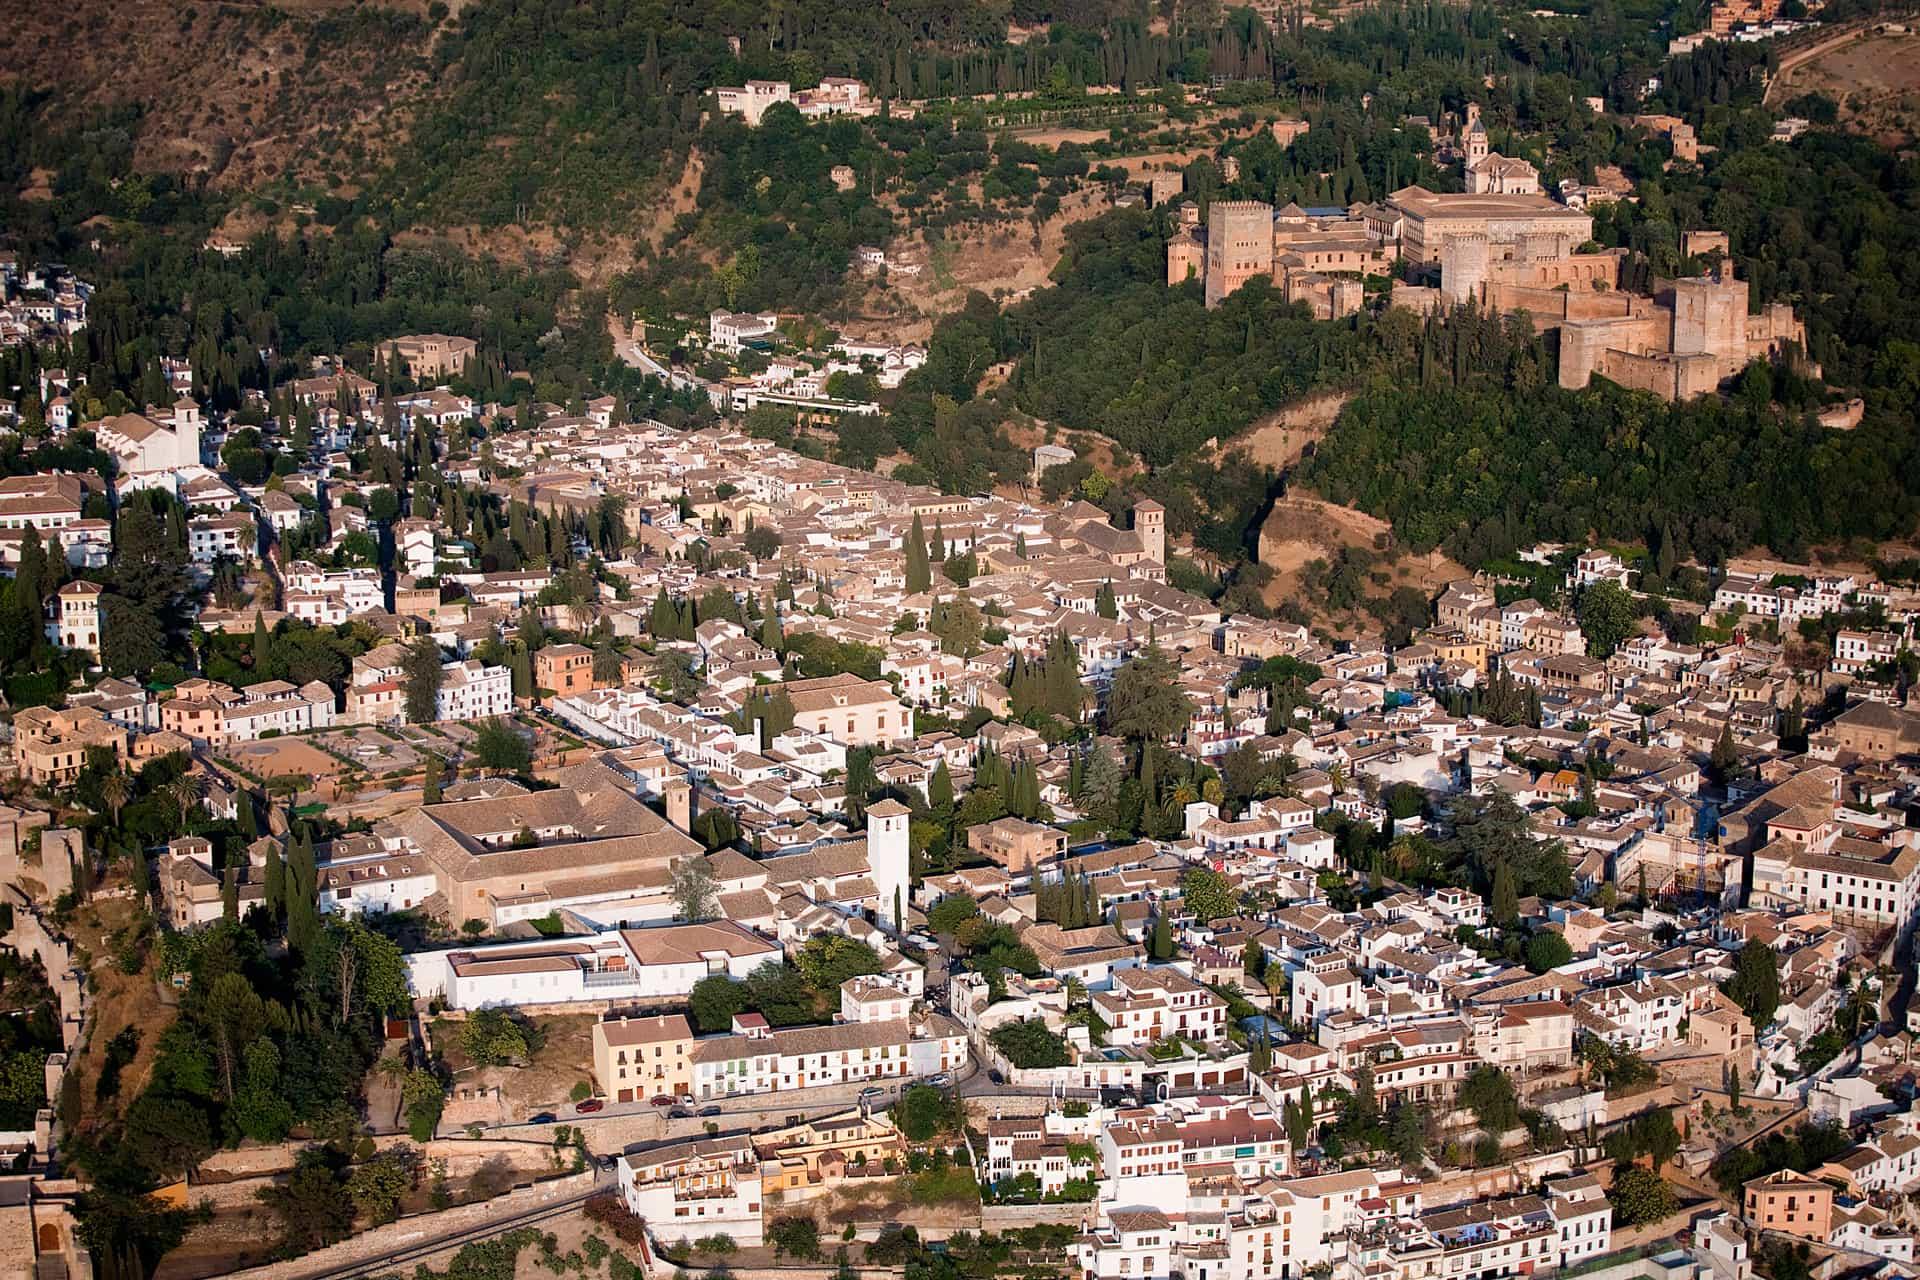 Vista del Albaicín y La Alhambra